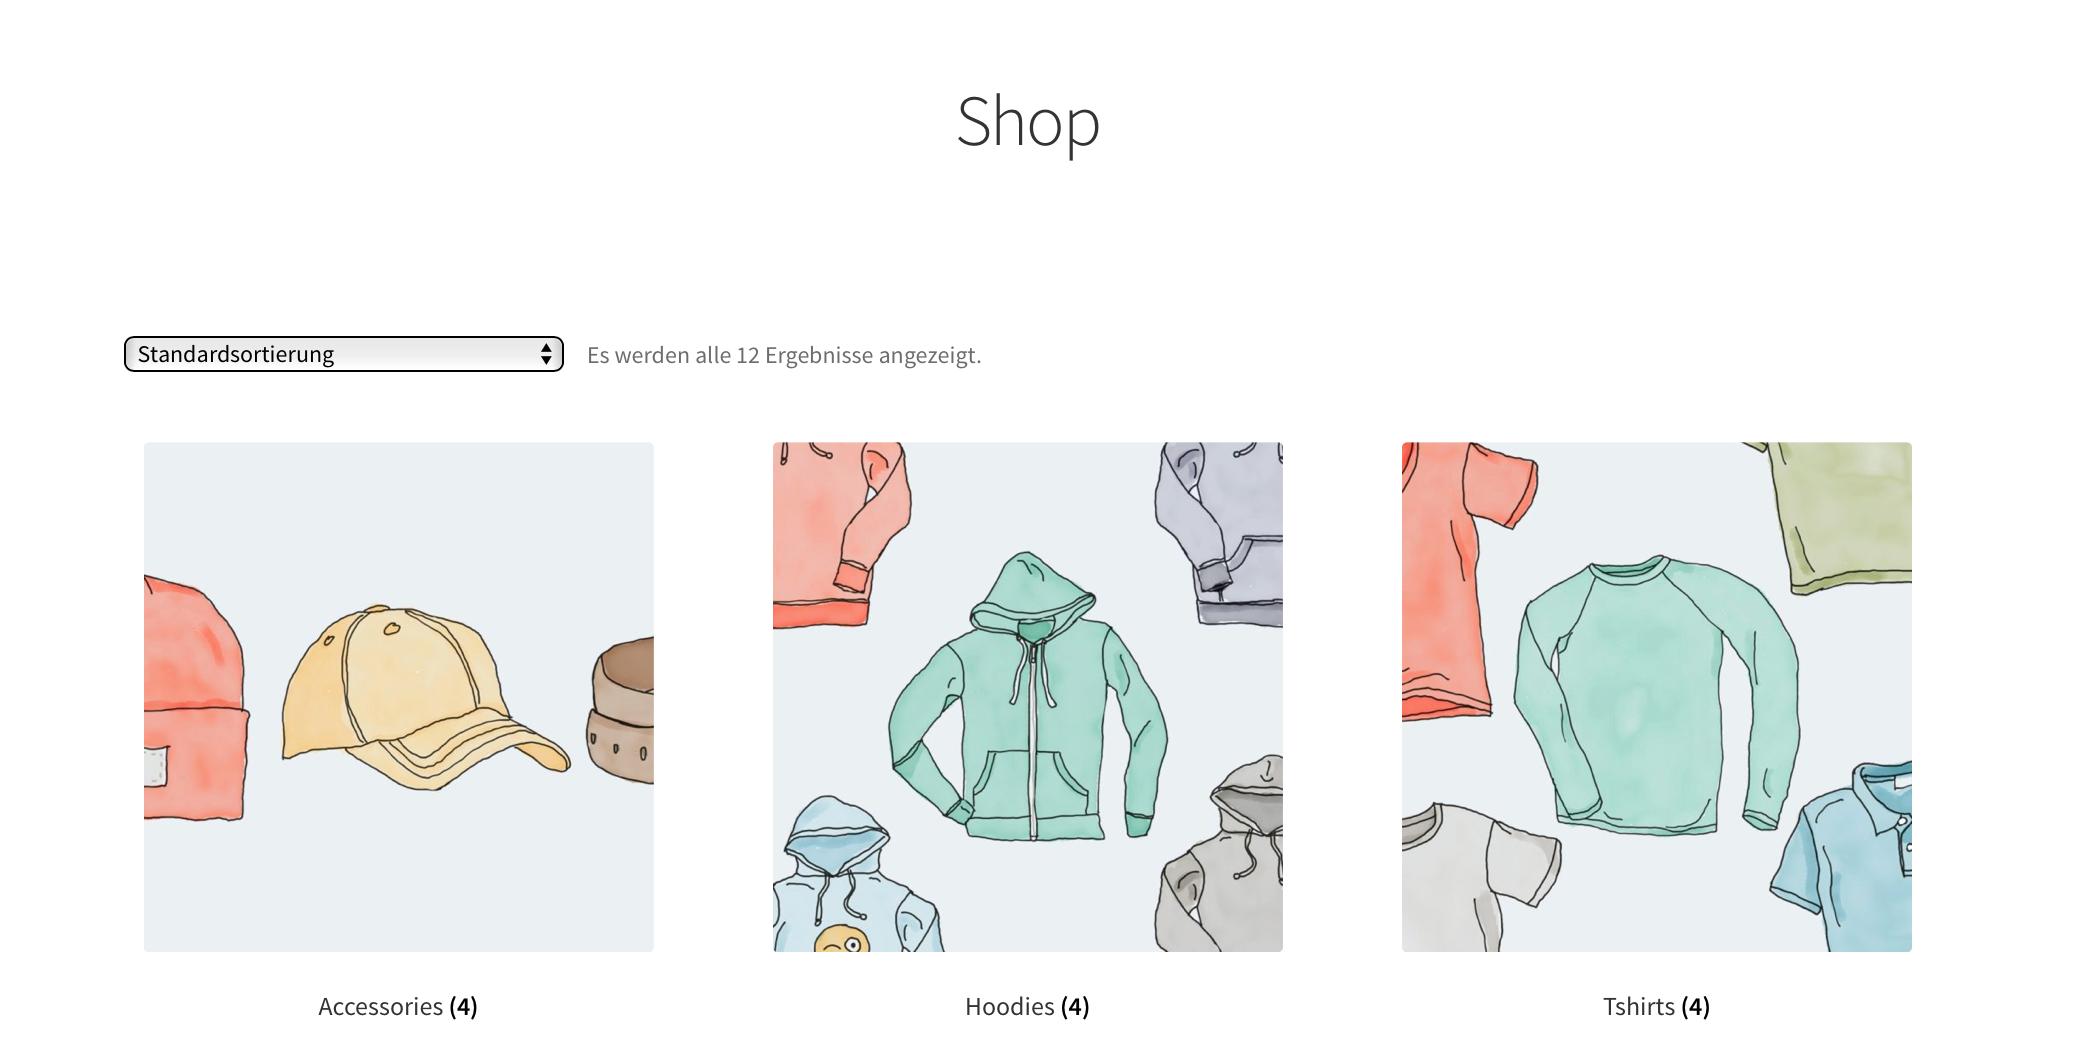 Produktkategorien in der WooCommerce Produktübersicht